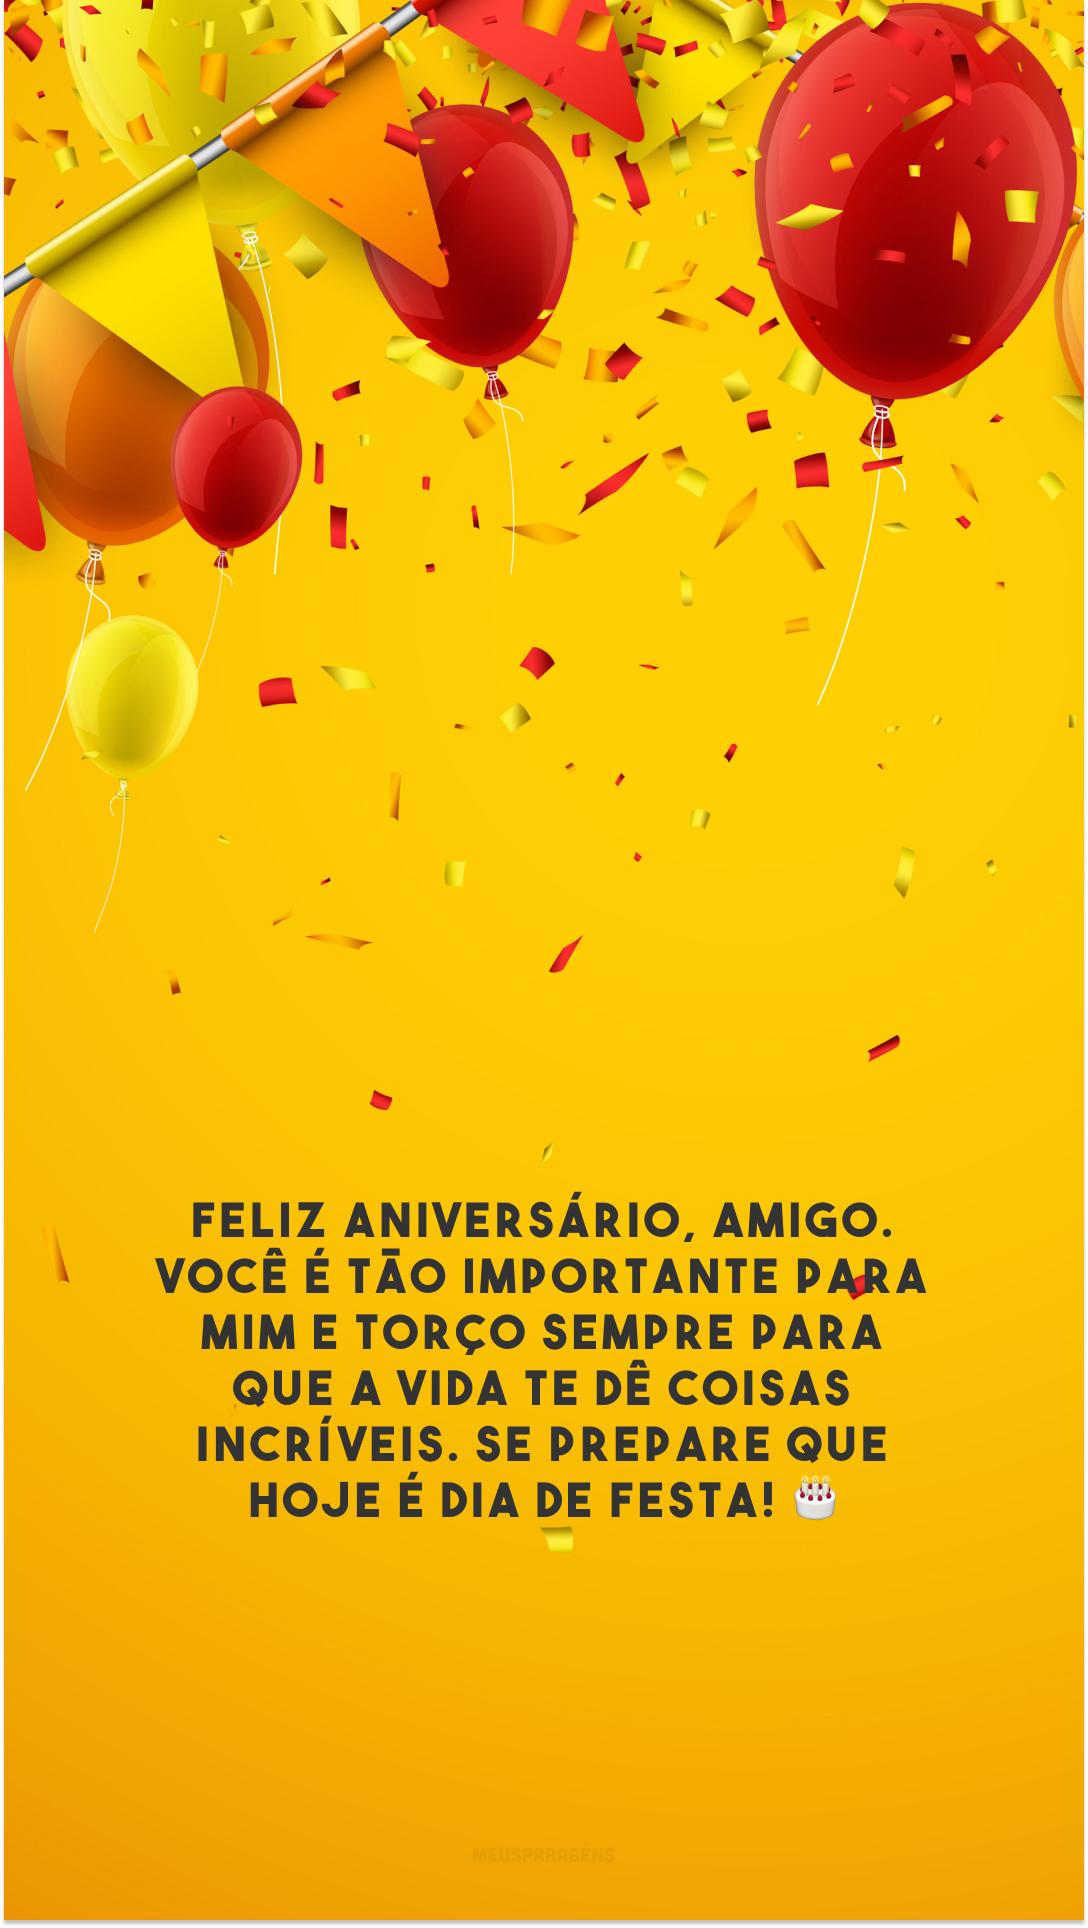 Feliz aniversário, amigo. Você é tão importante para mim e torço sempre para que a vida te dê coisas incríveis. Se prepare que hoje é dia de festa! 🎂